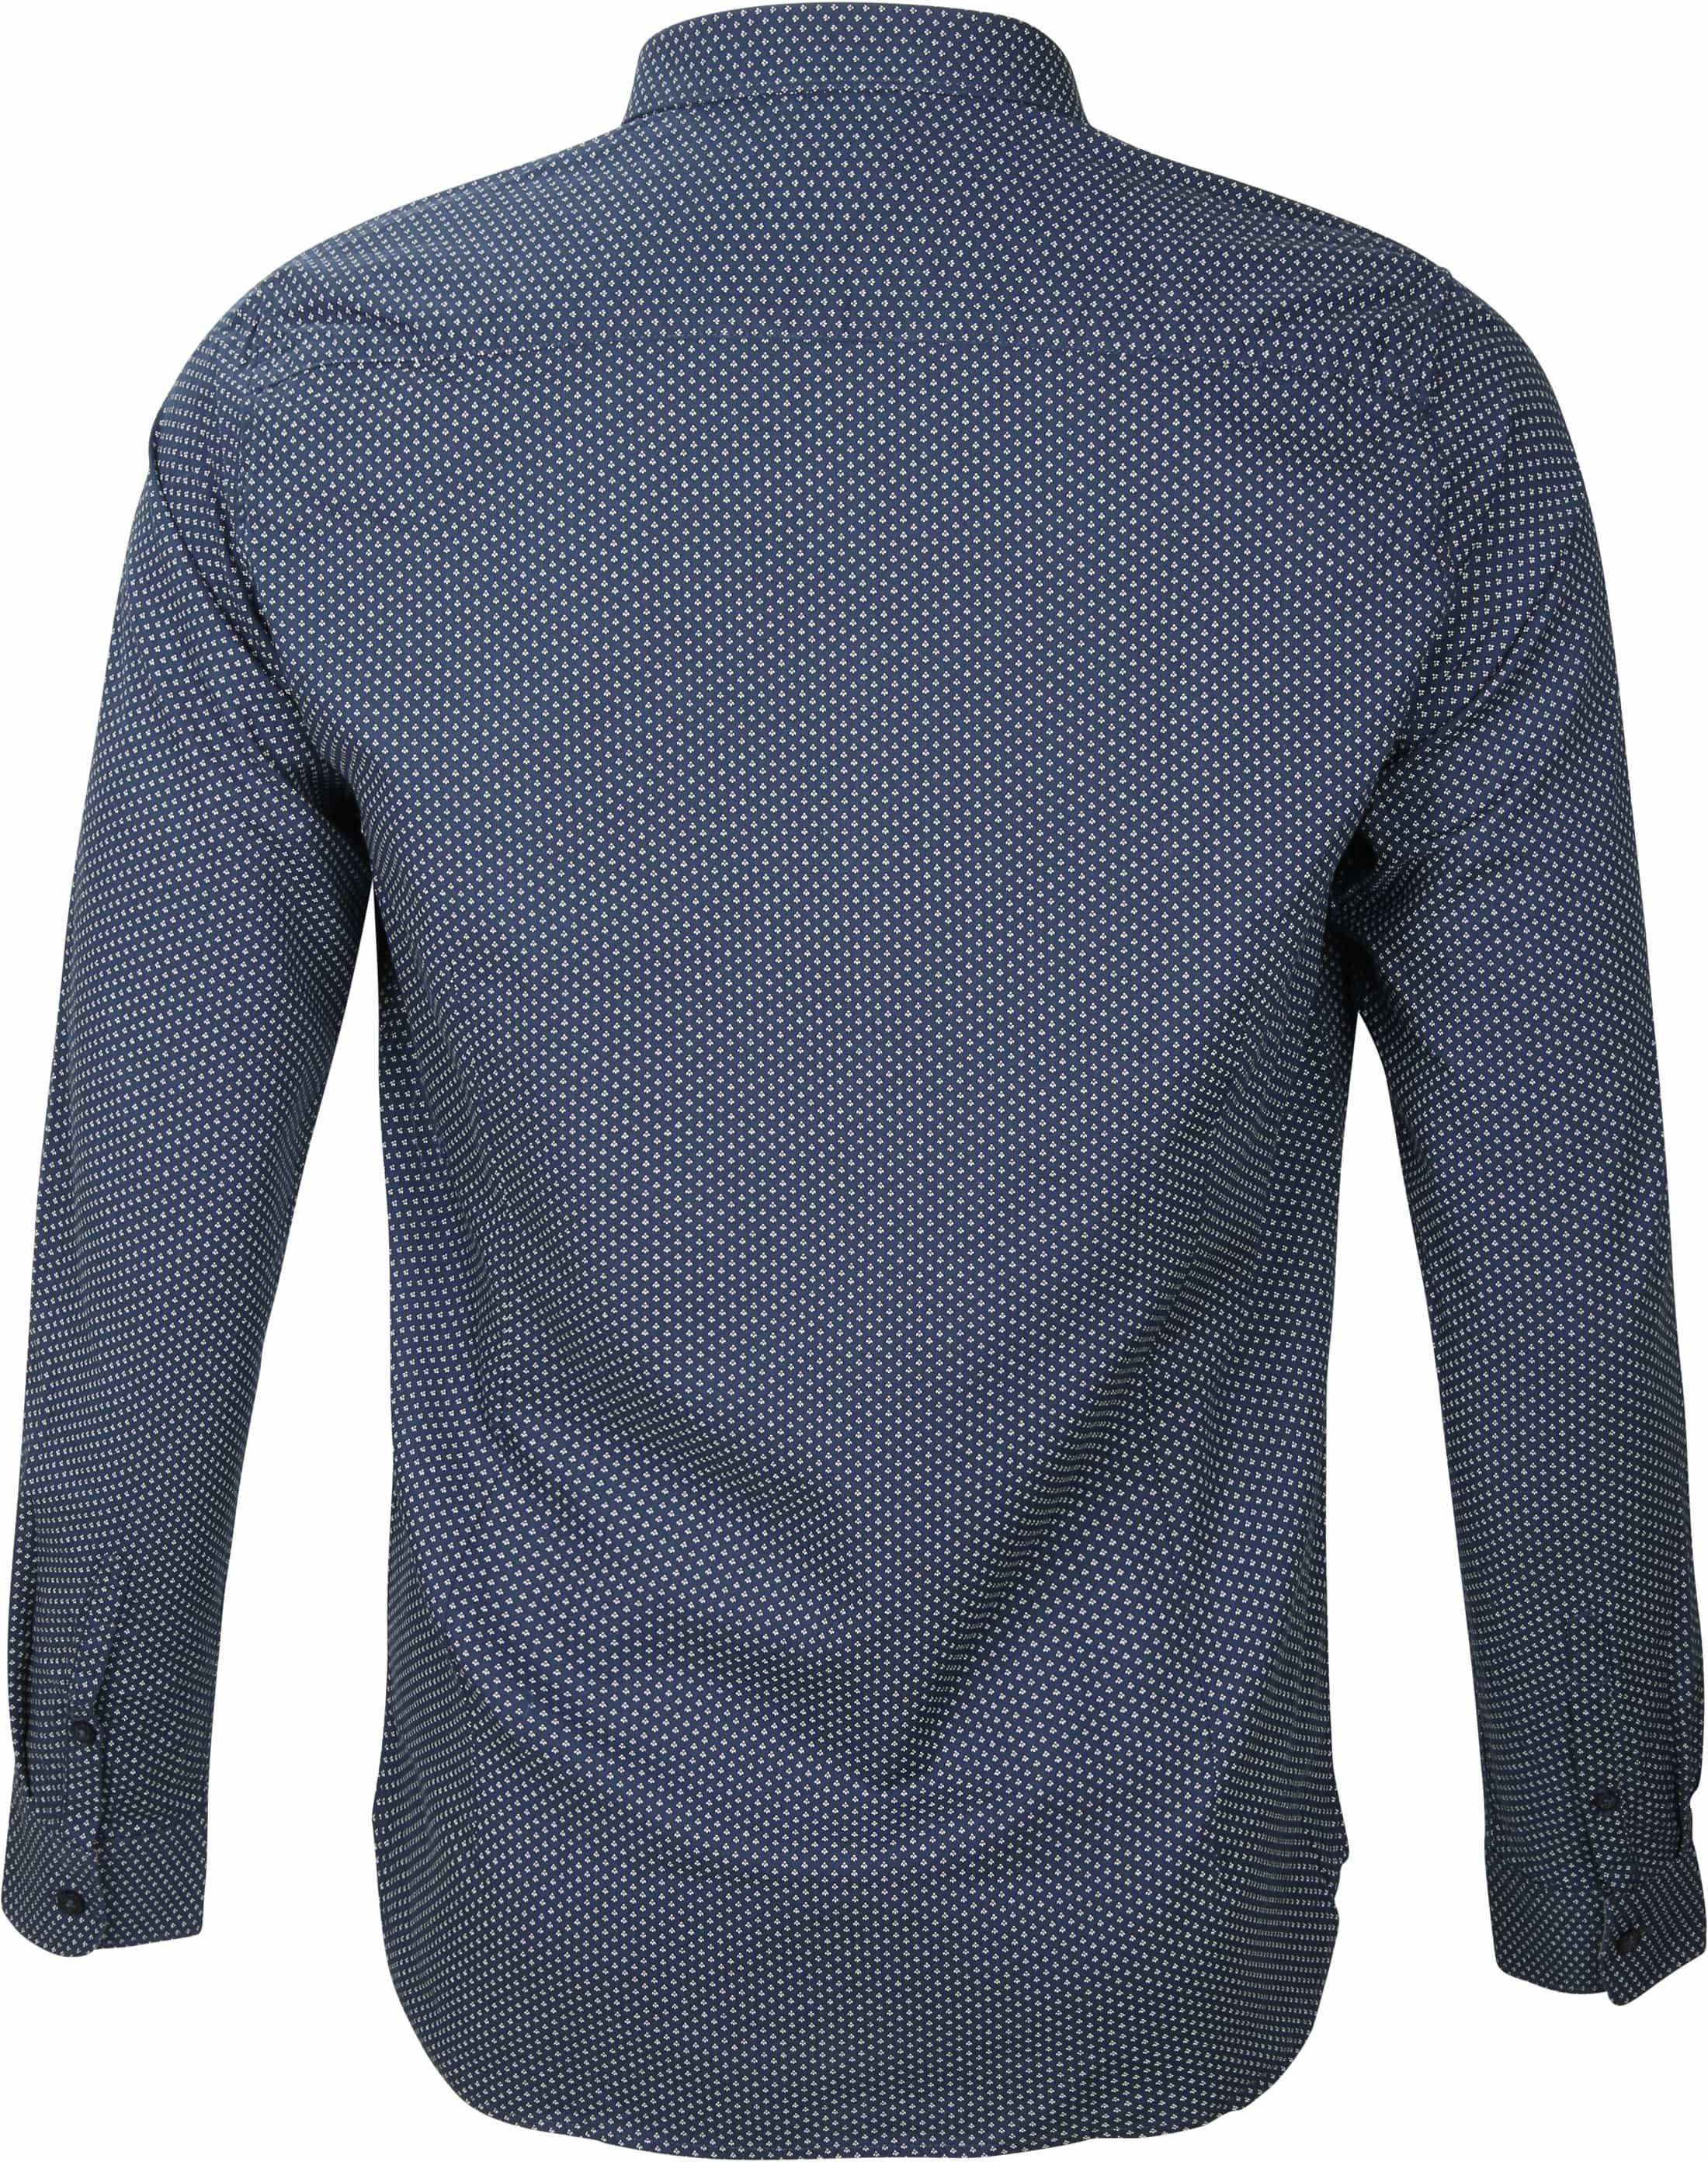 Dstrezzed Overhemd Navy Patroon foto 2